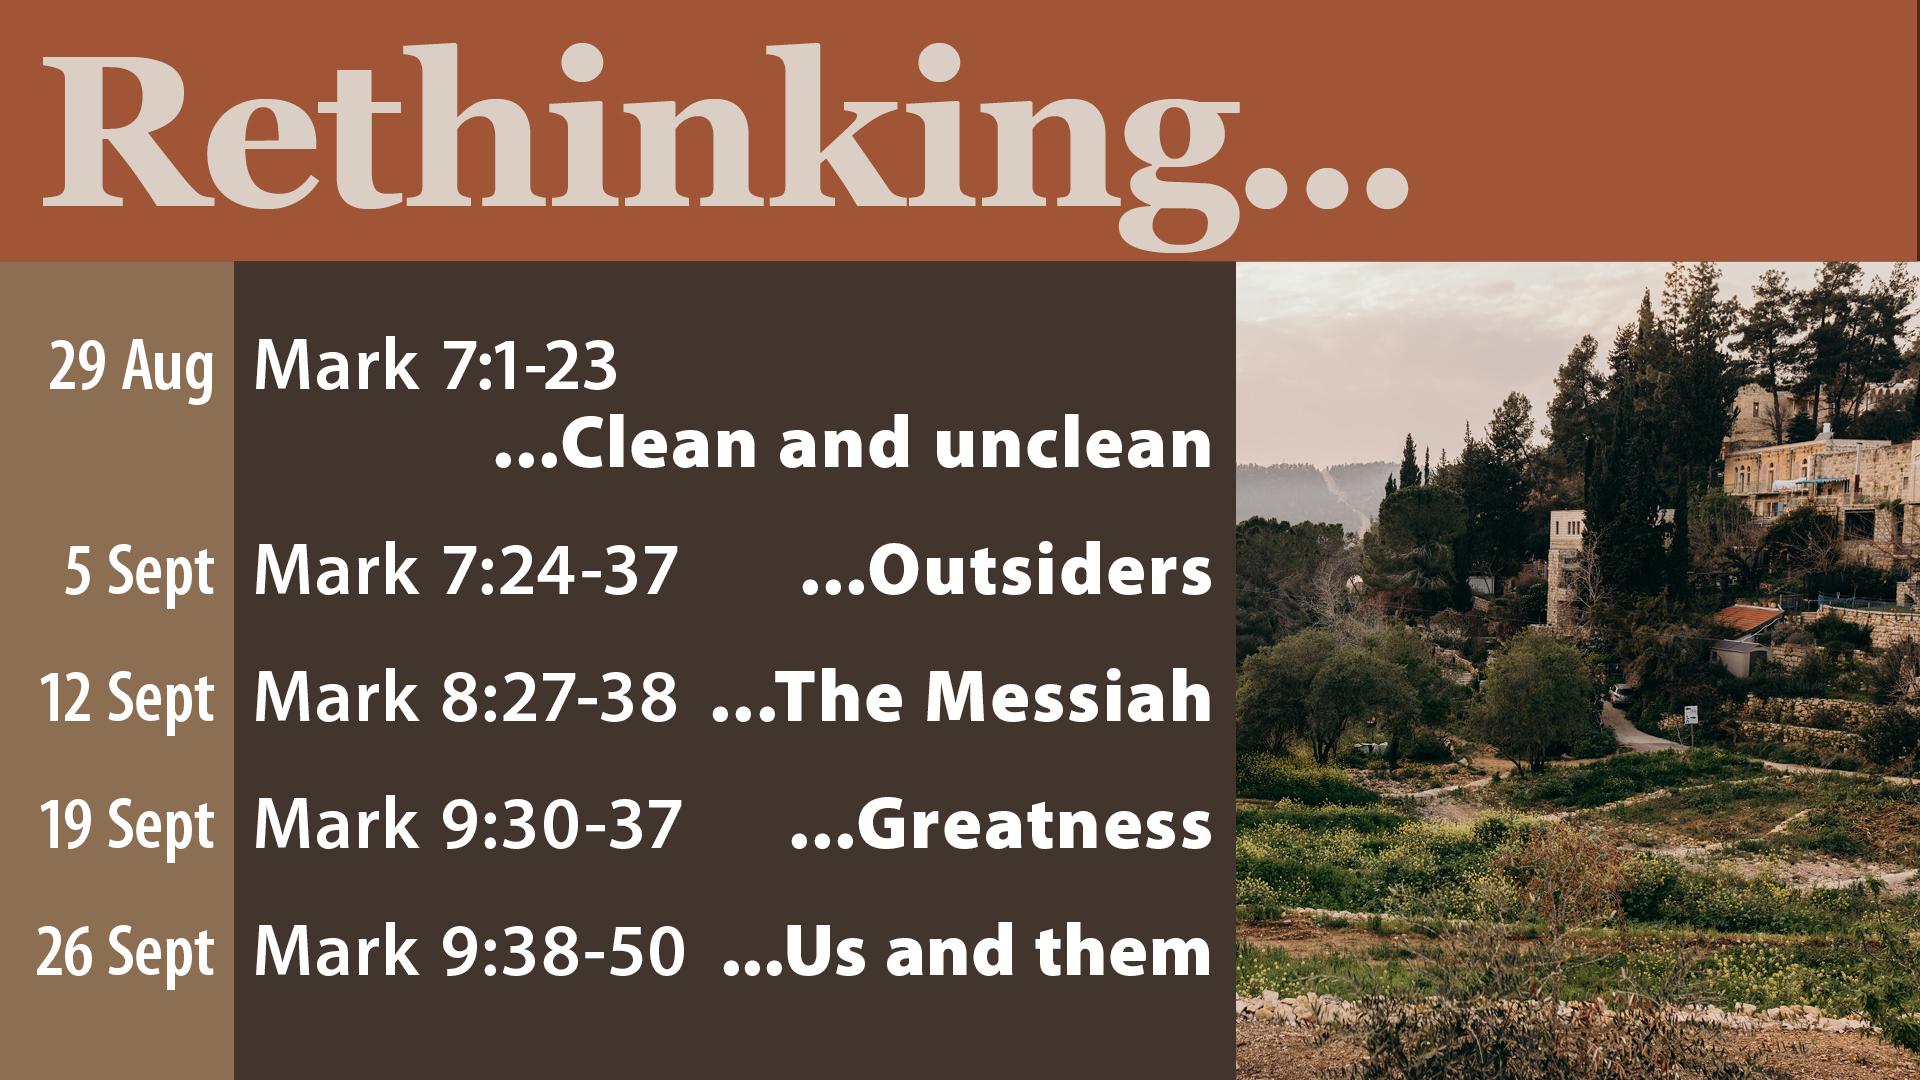 Rethinking…